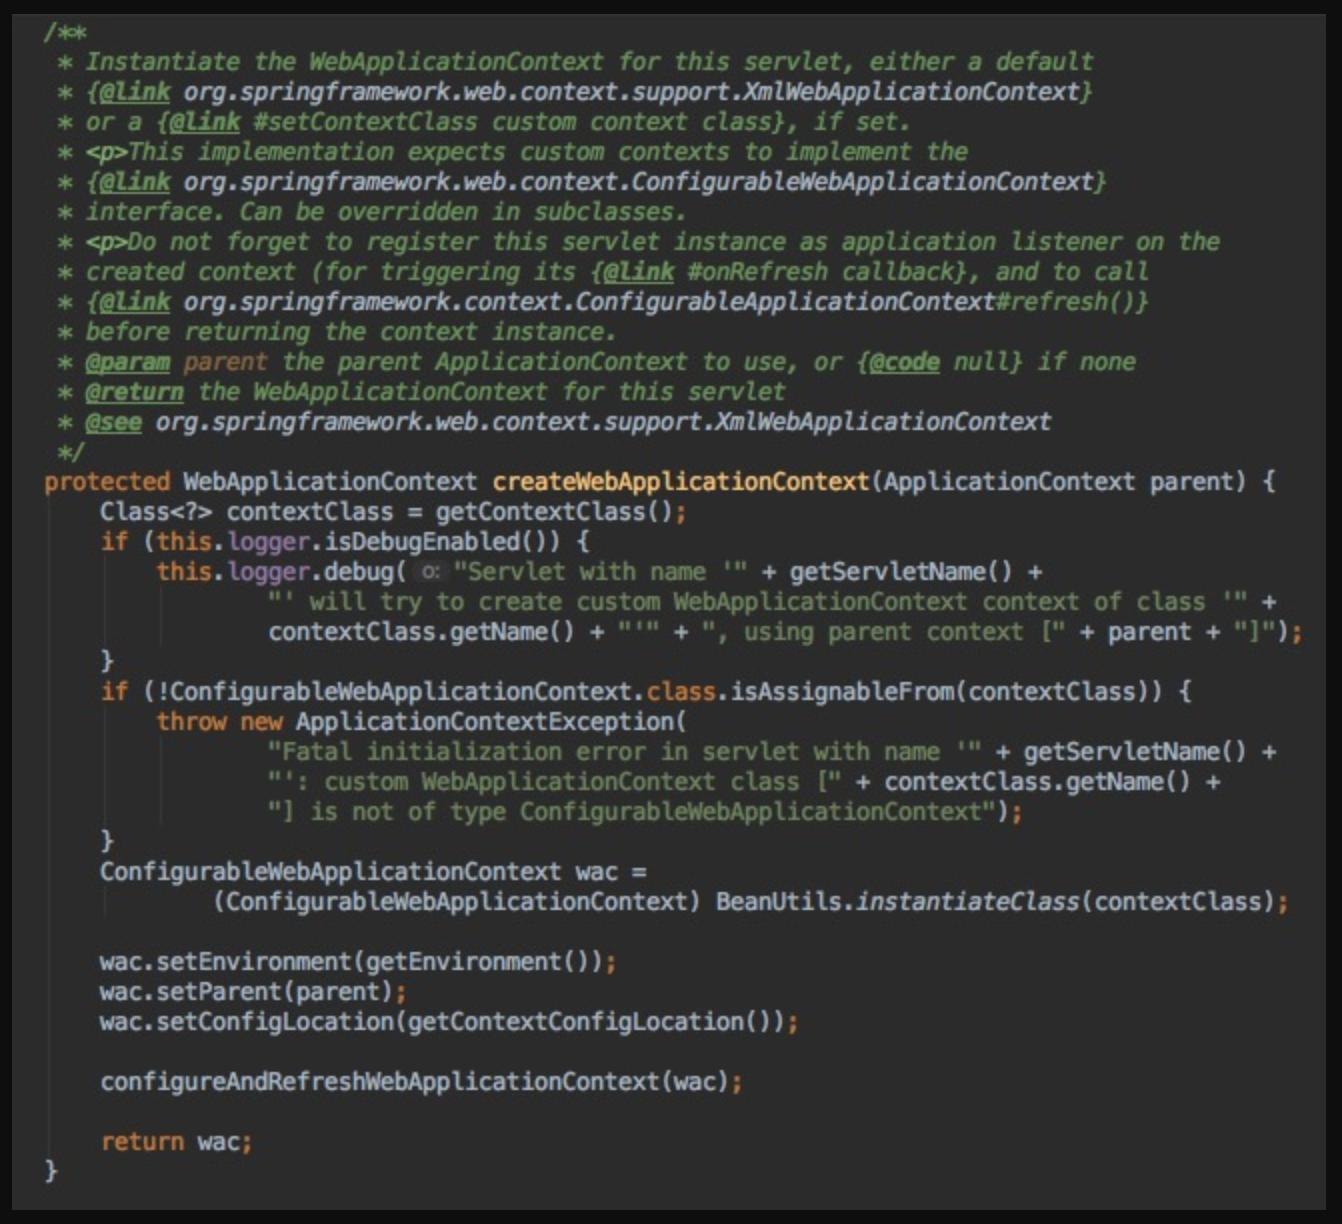 create-web-application-context